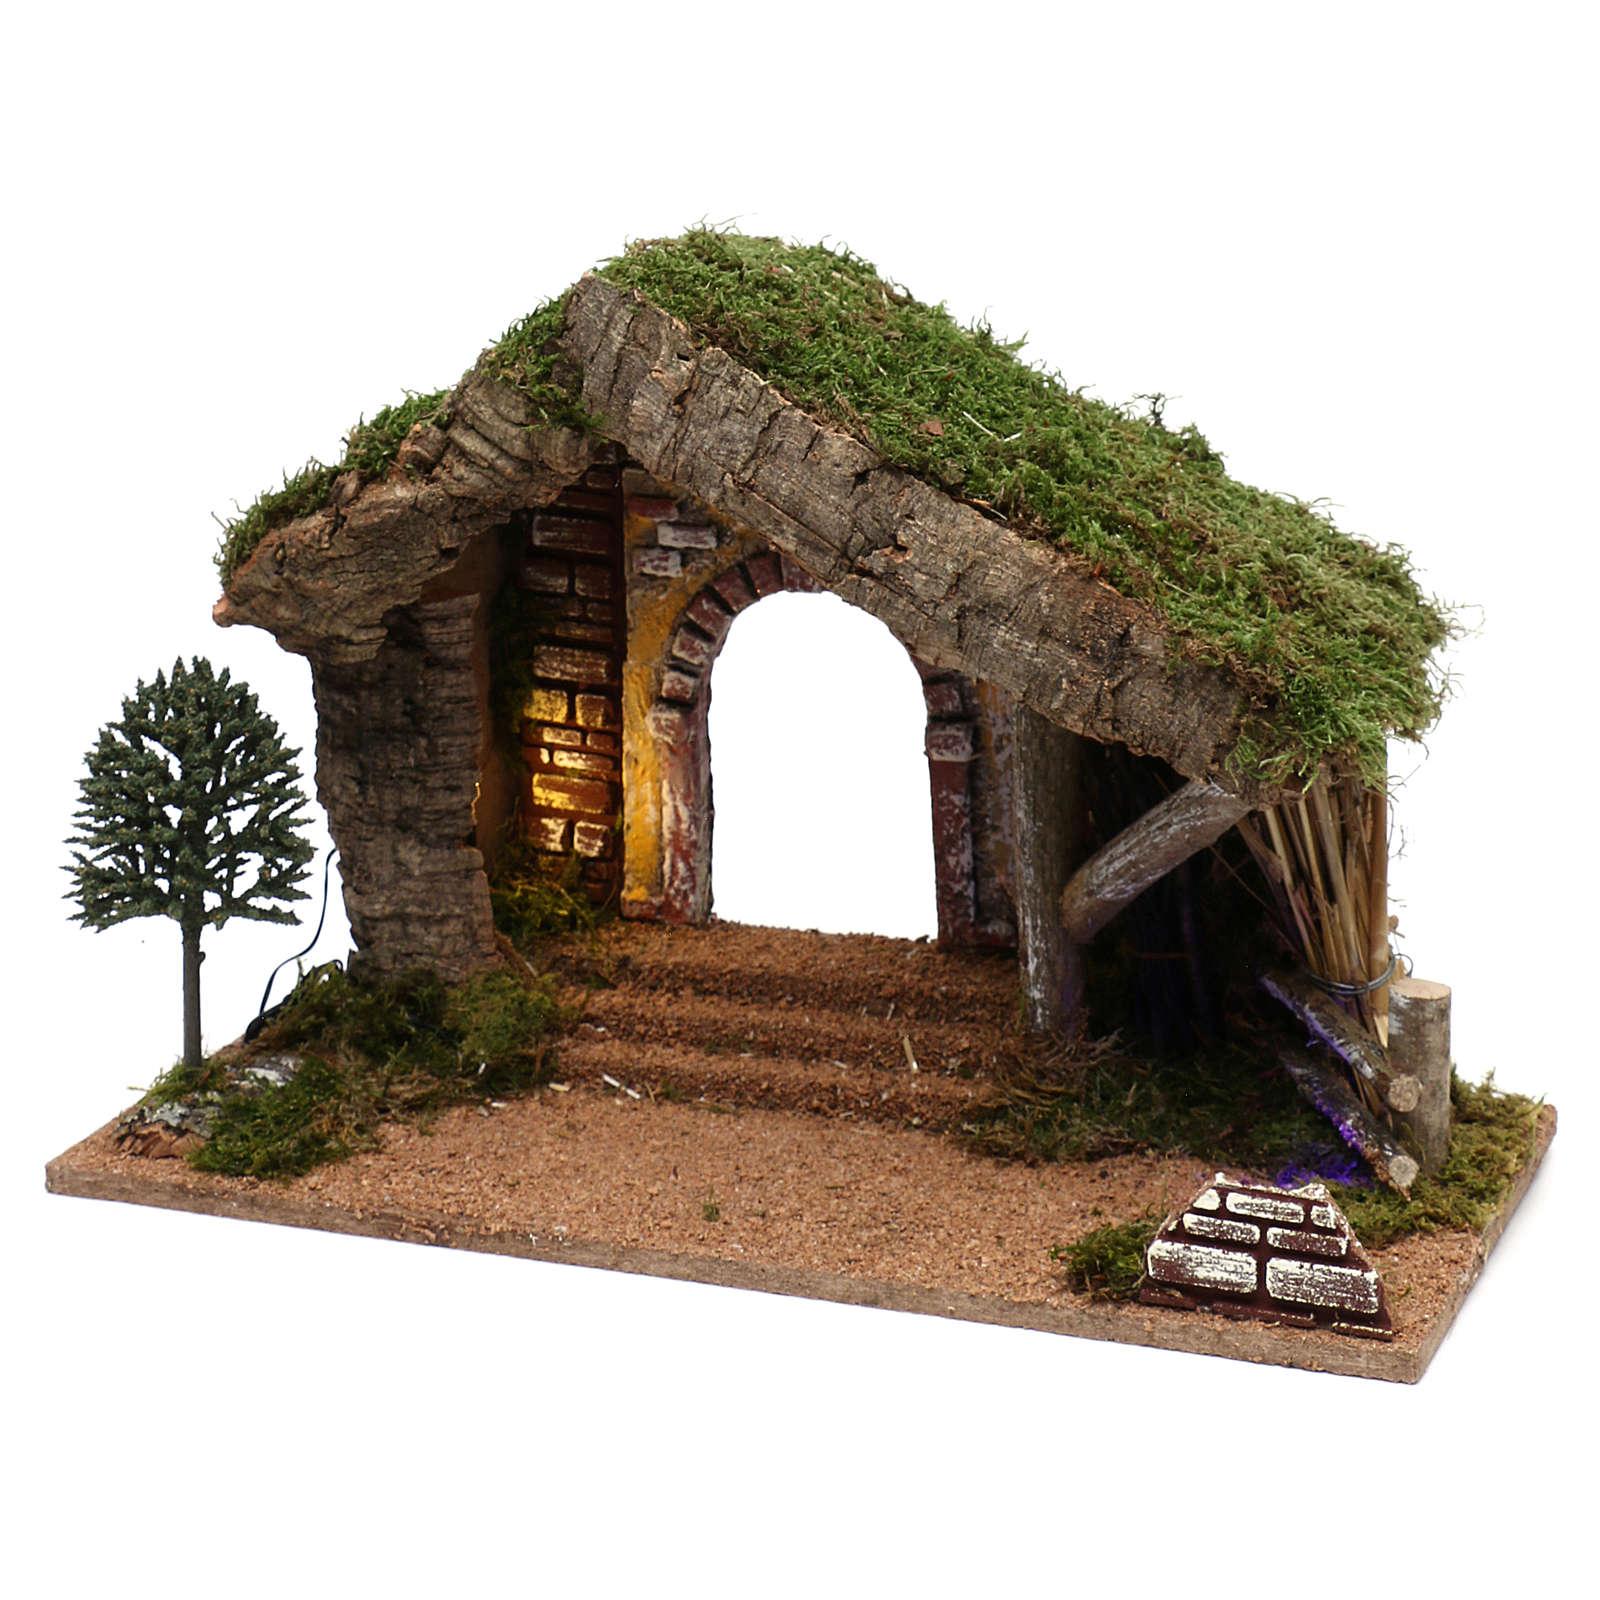 Capanna con staccionata in legno 40x30x20 cm 4